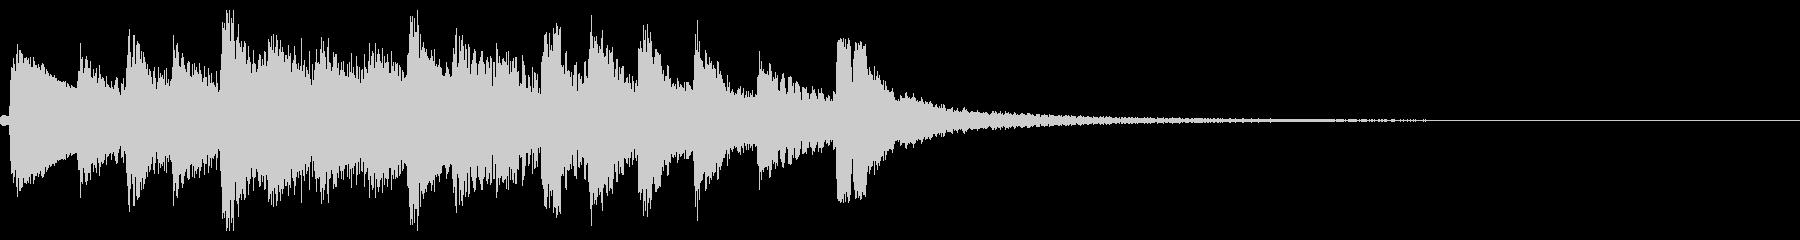 和風 シンプル 琴のジングル2の未再生の波形